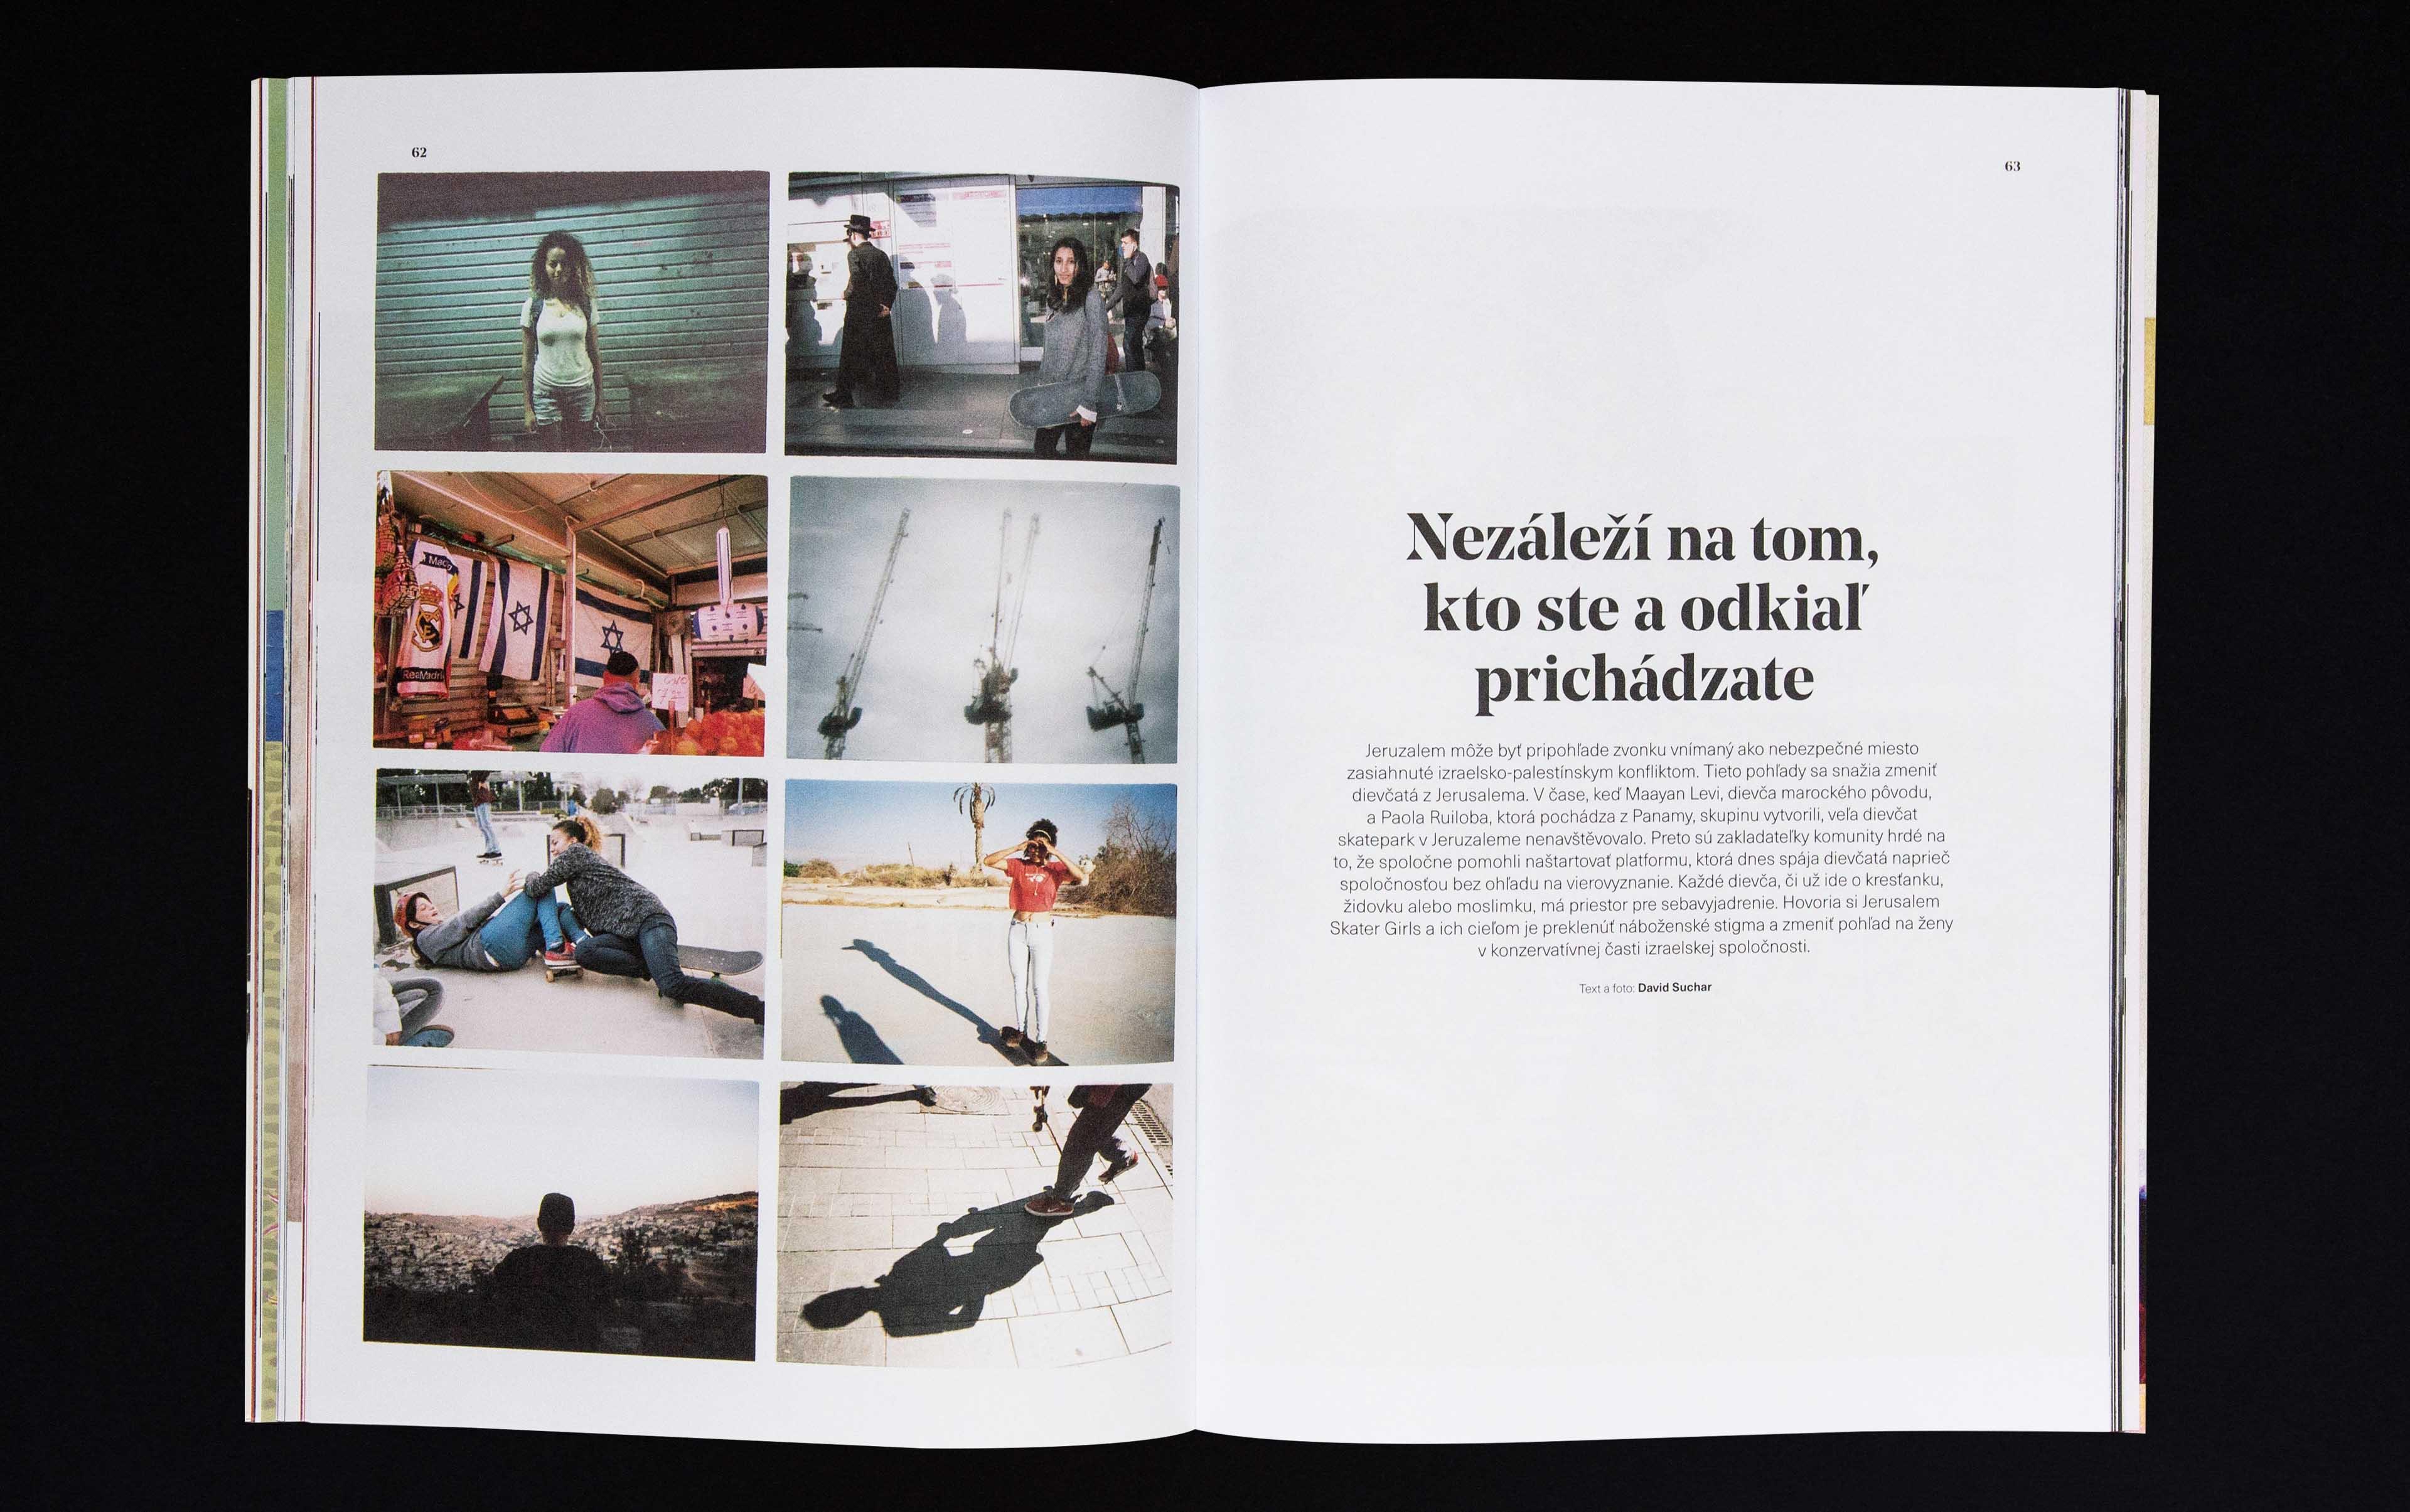 Crook / Křivák Magazine